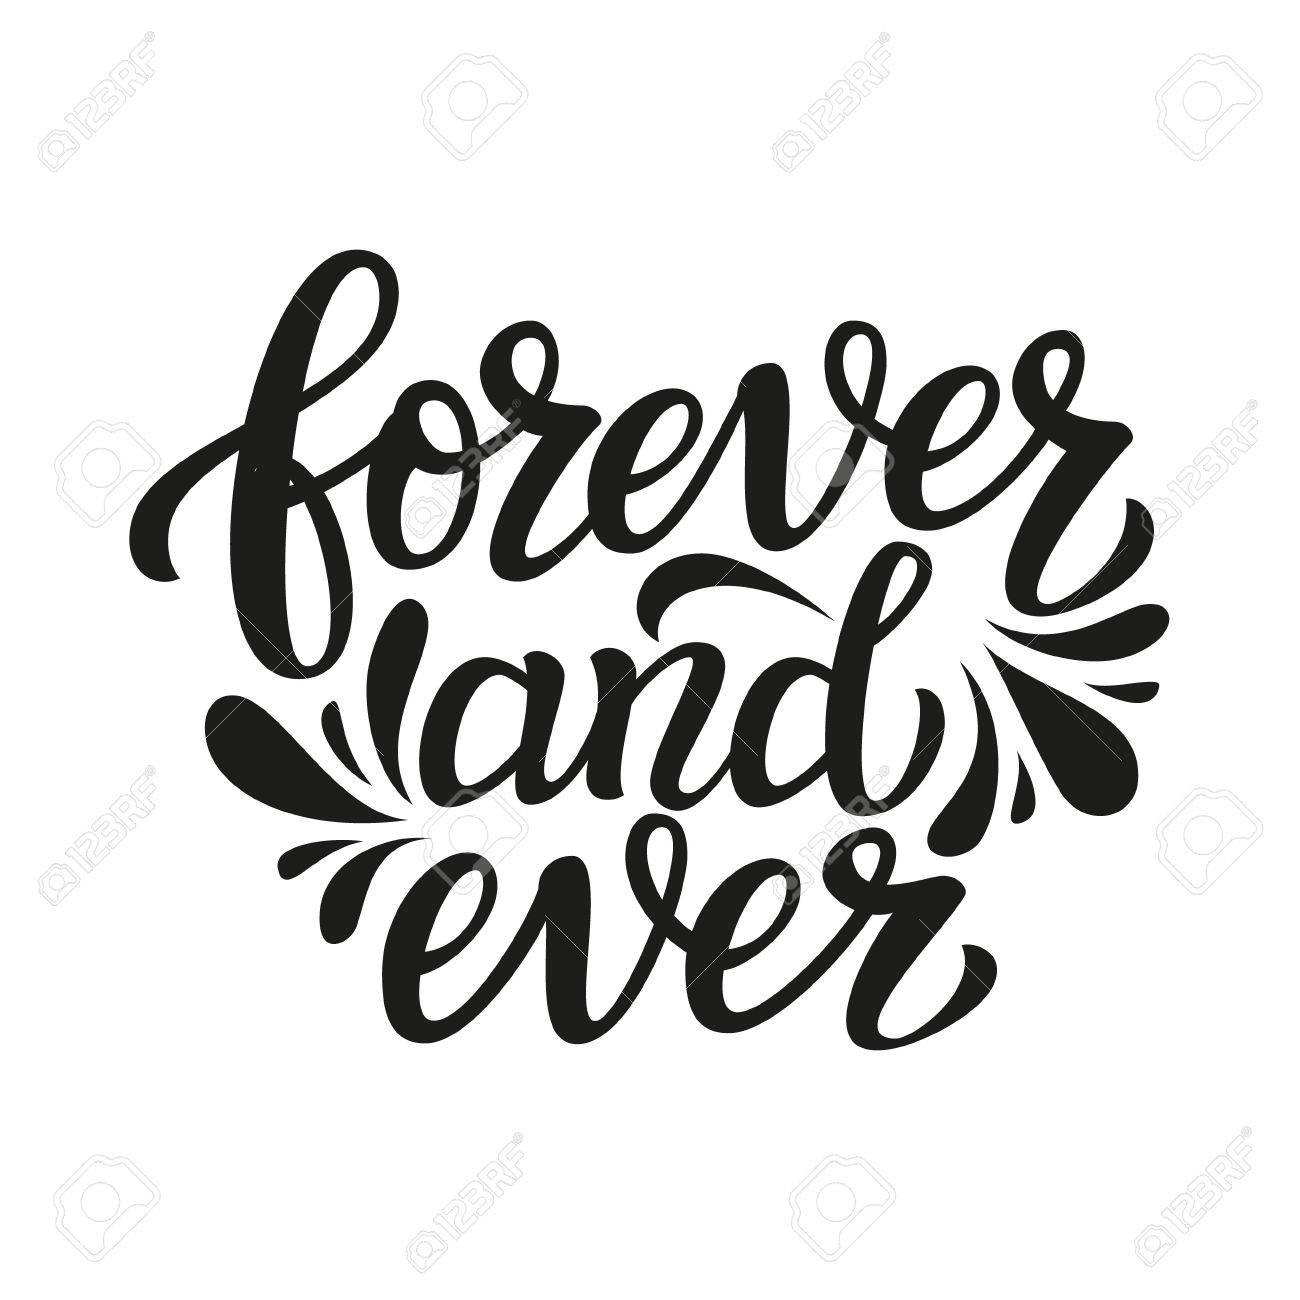 Für Immer Und Ewig. Handbeschriftung Typografie Text. Romantische Zitat.  Für Hochzeit, Familie